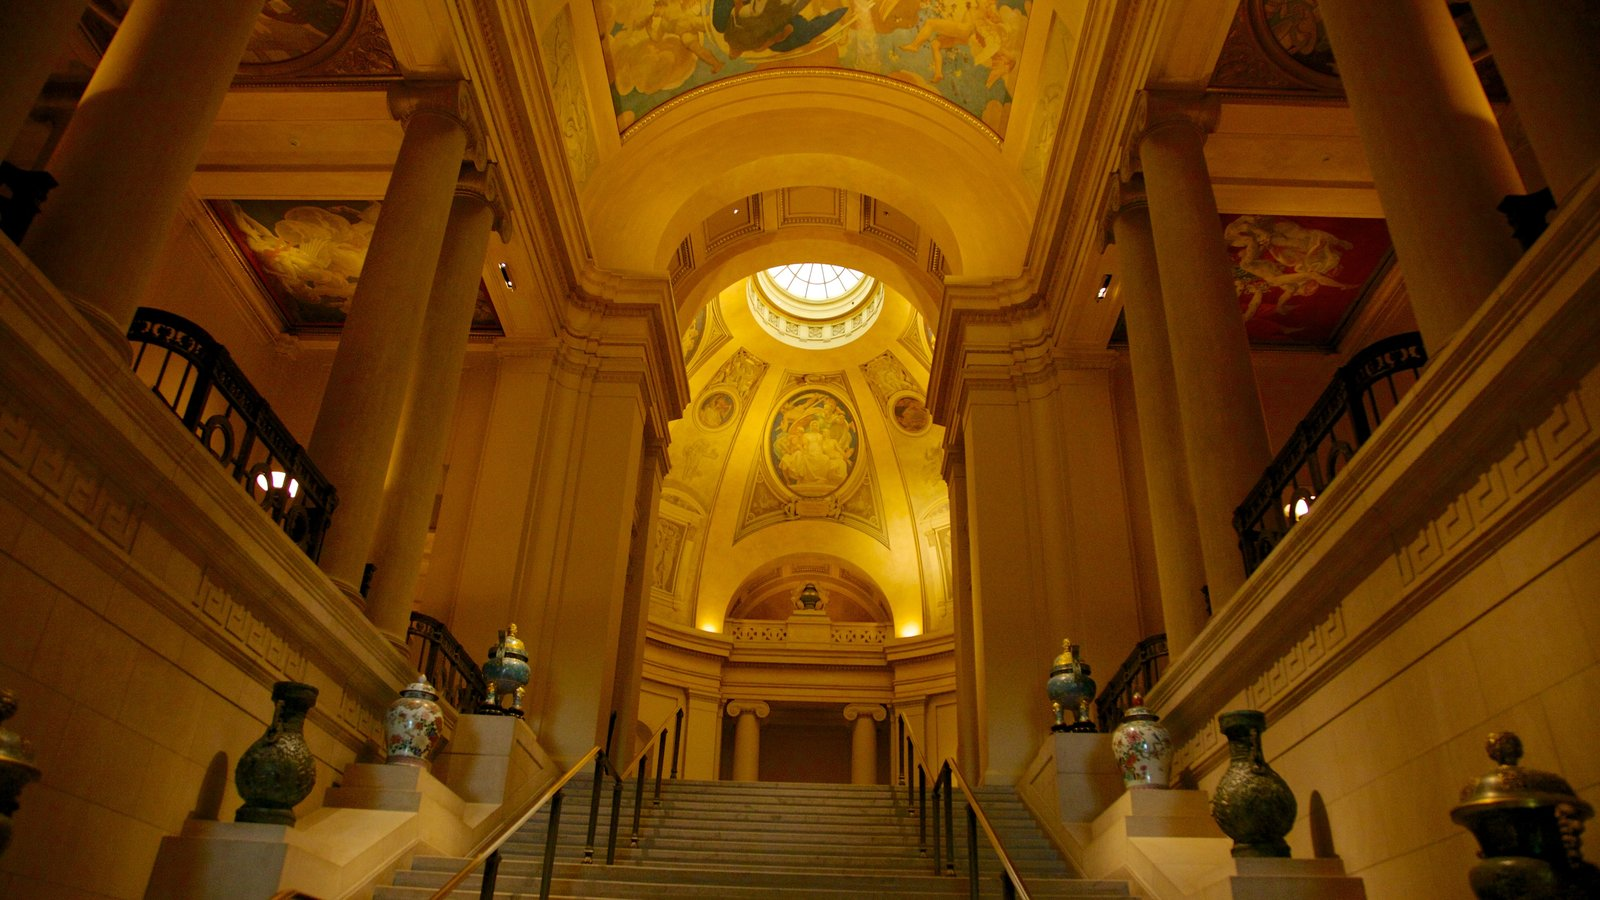 Museum of Fine Arts que inclui vistas internas